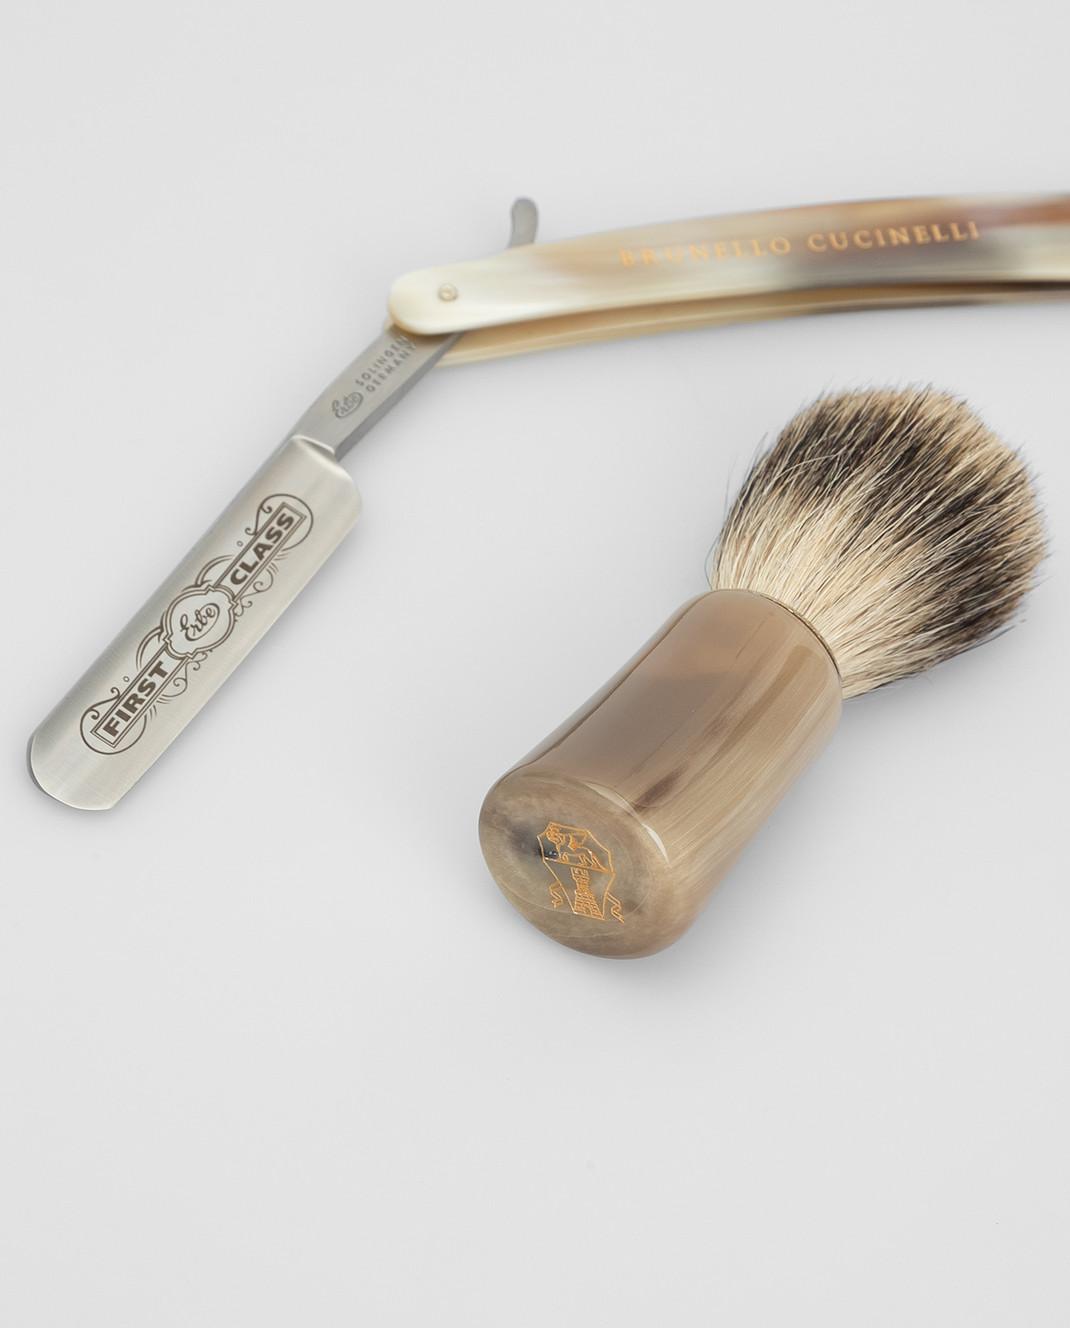 Brunello Cucinelli Мужской набор для бритья изображение 5